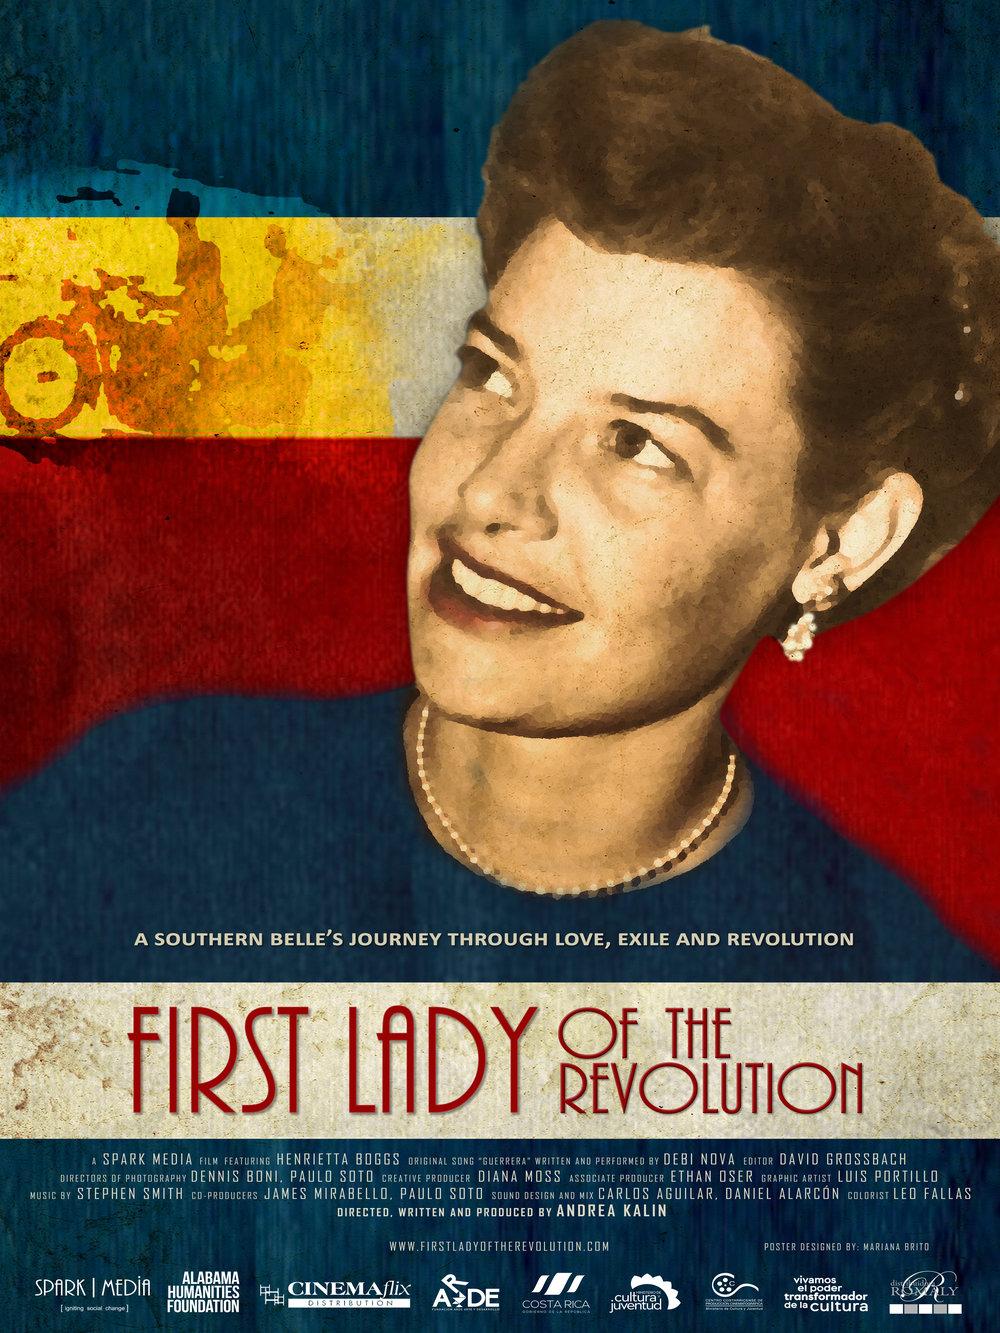 """革命第一夫人    """"革命中的第一夫人""""讲述了亨利埃塔·博格斯的故事。她不仅仅塑造了哥斯达黎加民主身份的先验斗争,也展现了一个勇敢女人如何逃离传统庇护的故事,将她的视野扩大到一个新的世界,并过着她从未像想过的生活。  阅读更多"""